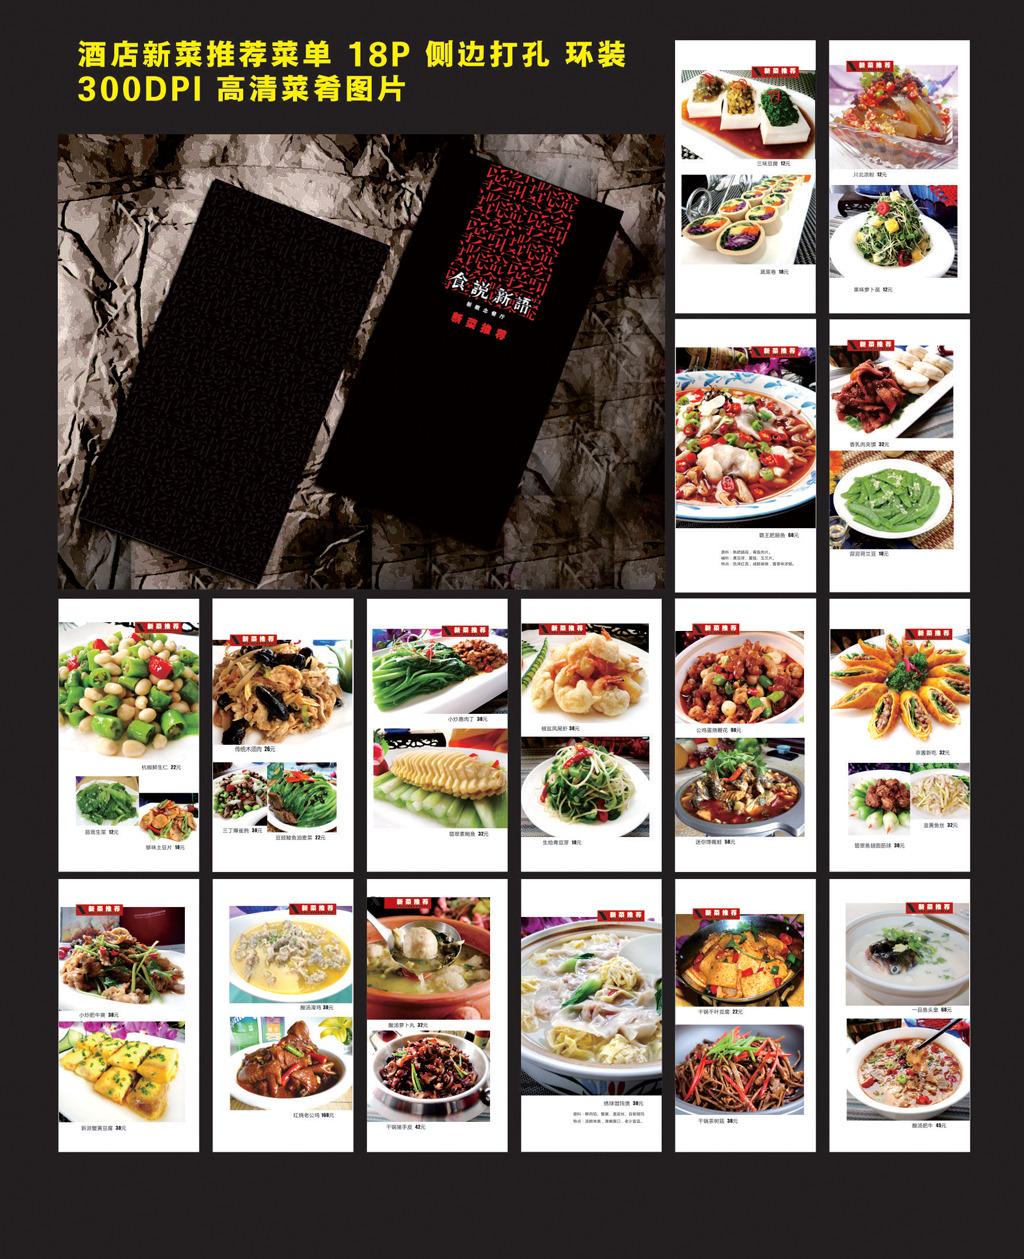 新菜推荐菜单模板下载(图片编号:12025092)_菜单 菜谱